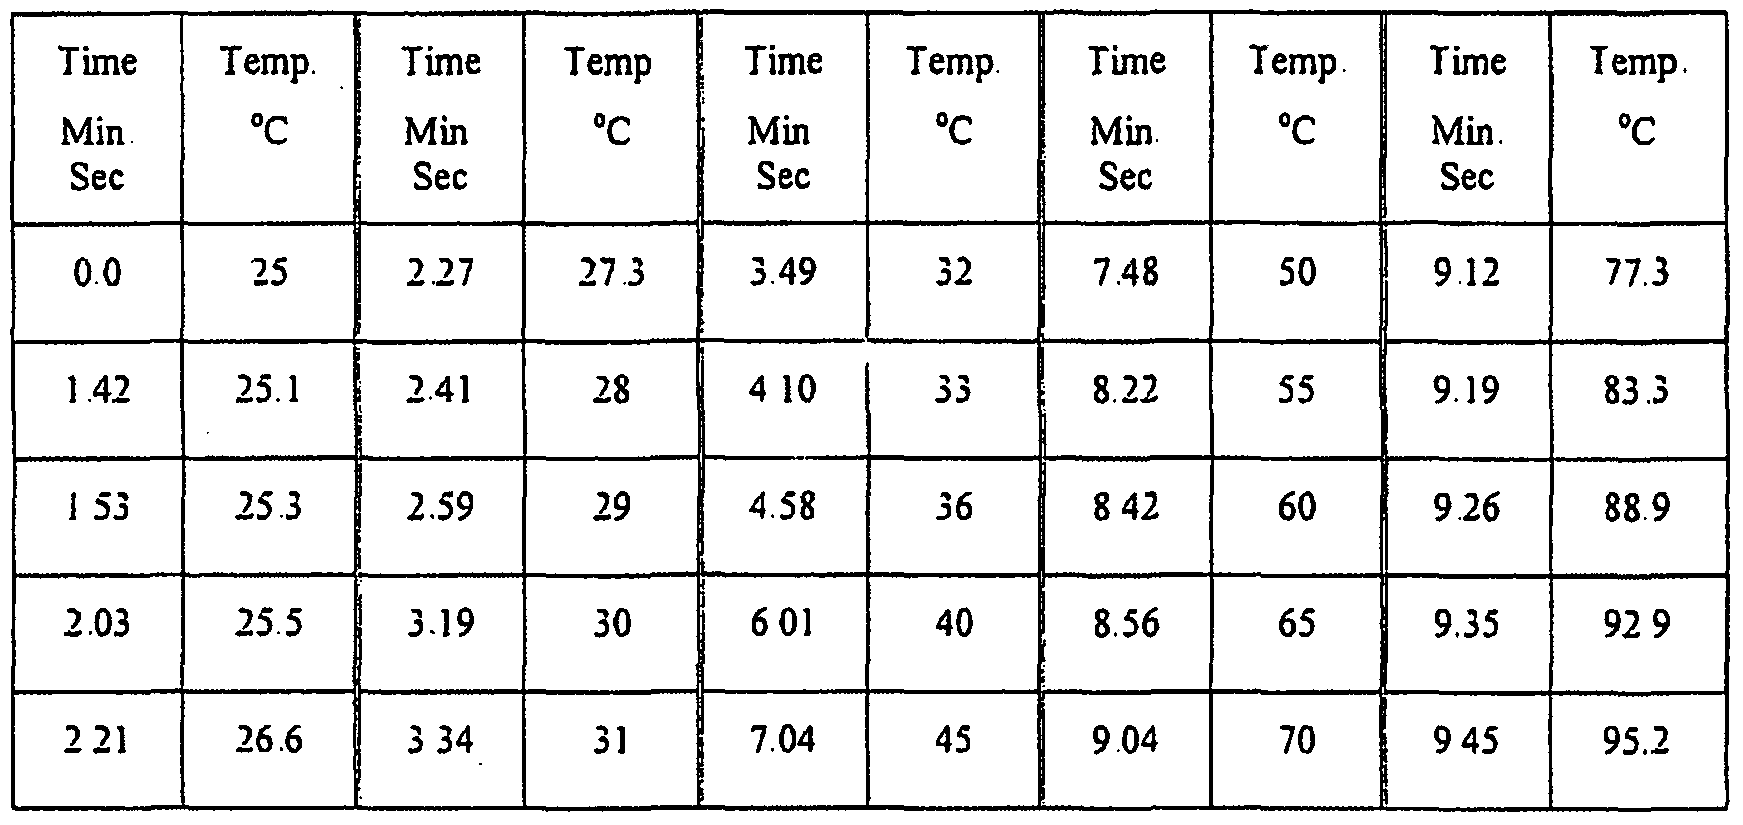 Properties Of Sodium Bicarbonate At Room Temperature